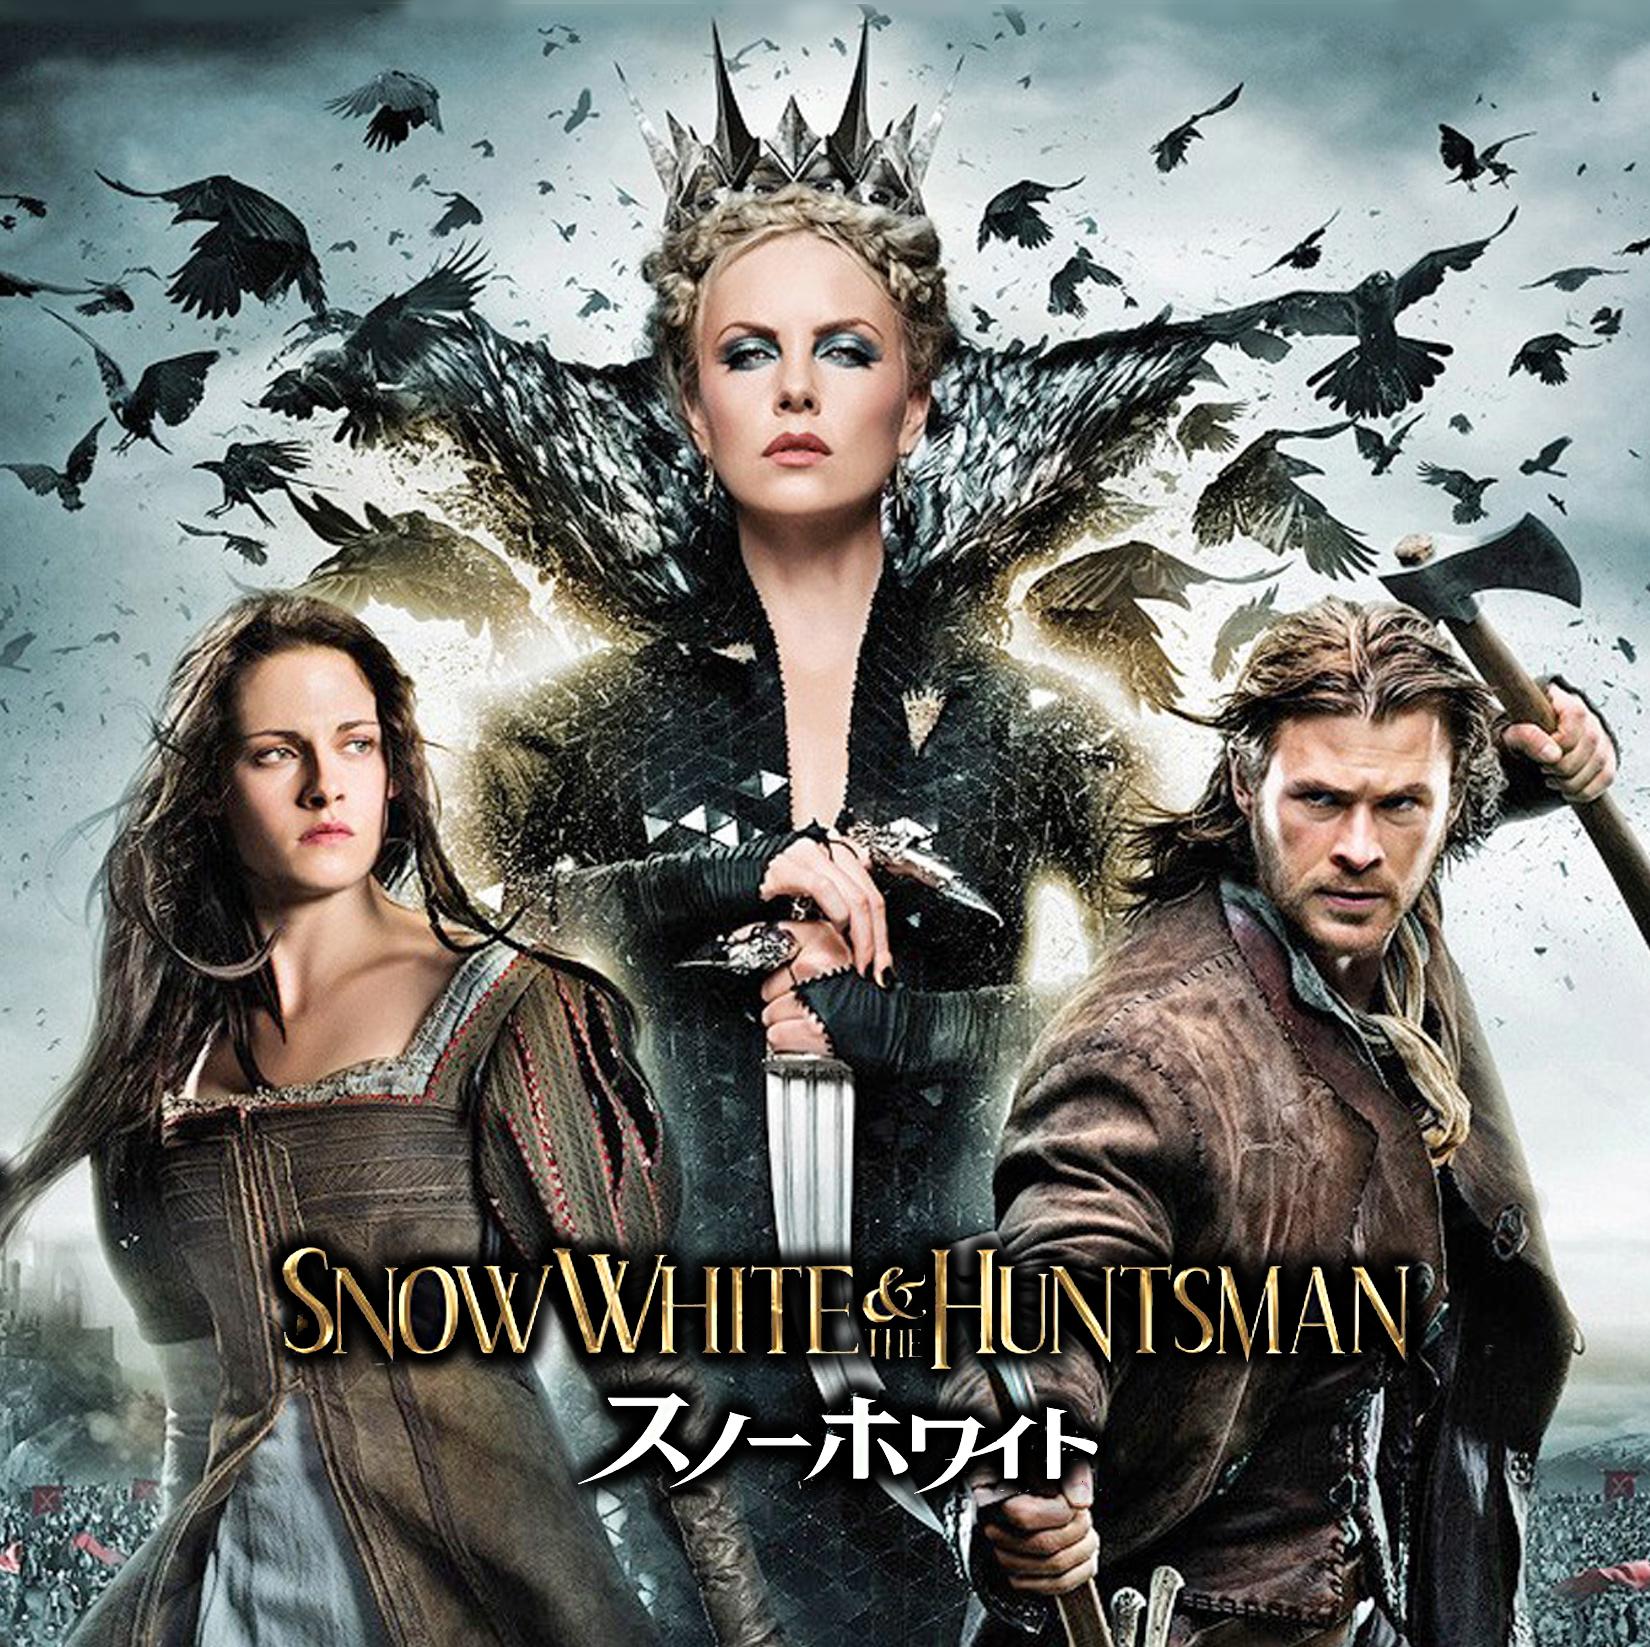 スノーホワイト (2012年の映画)の画像 p1_36